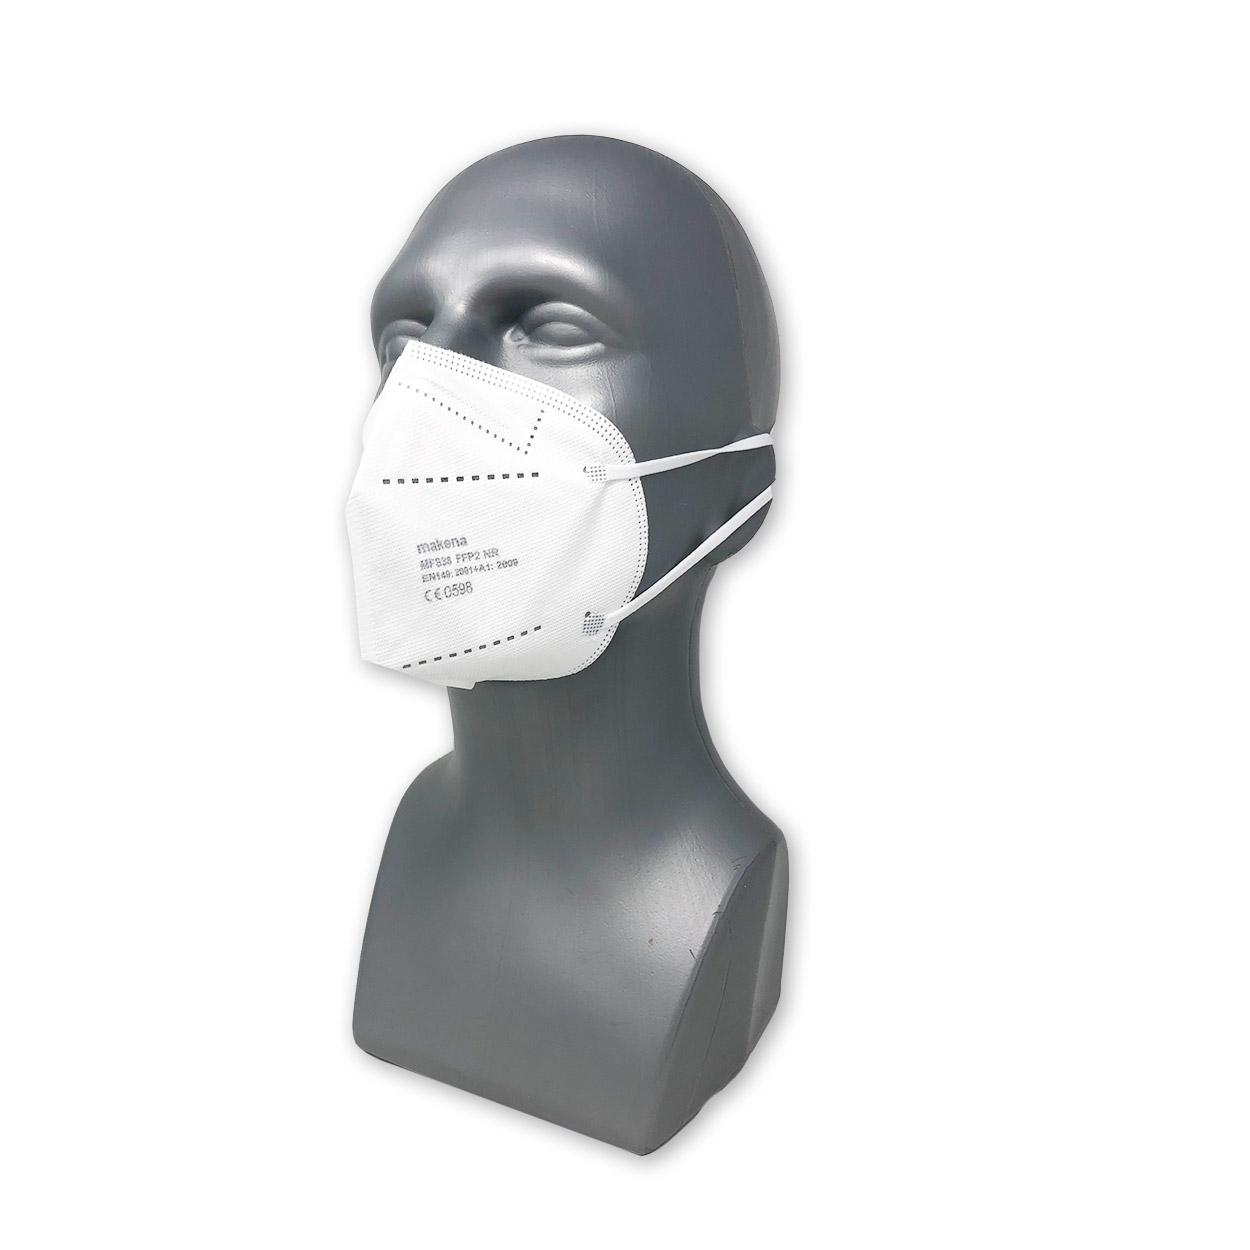 FFP2 Atemschutzmaske Makena NR, einzeln verpackt